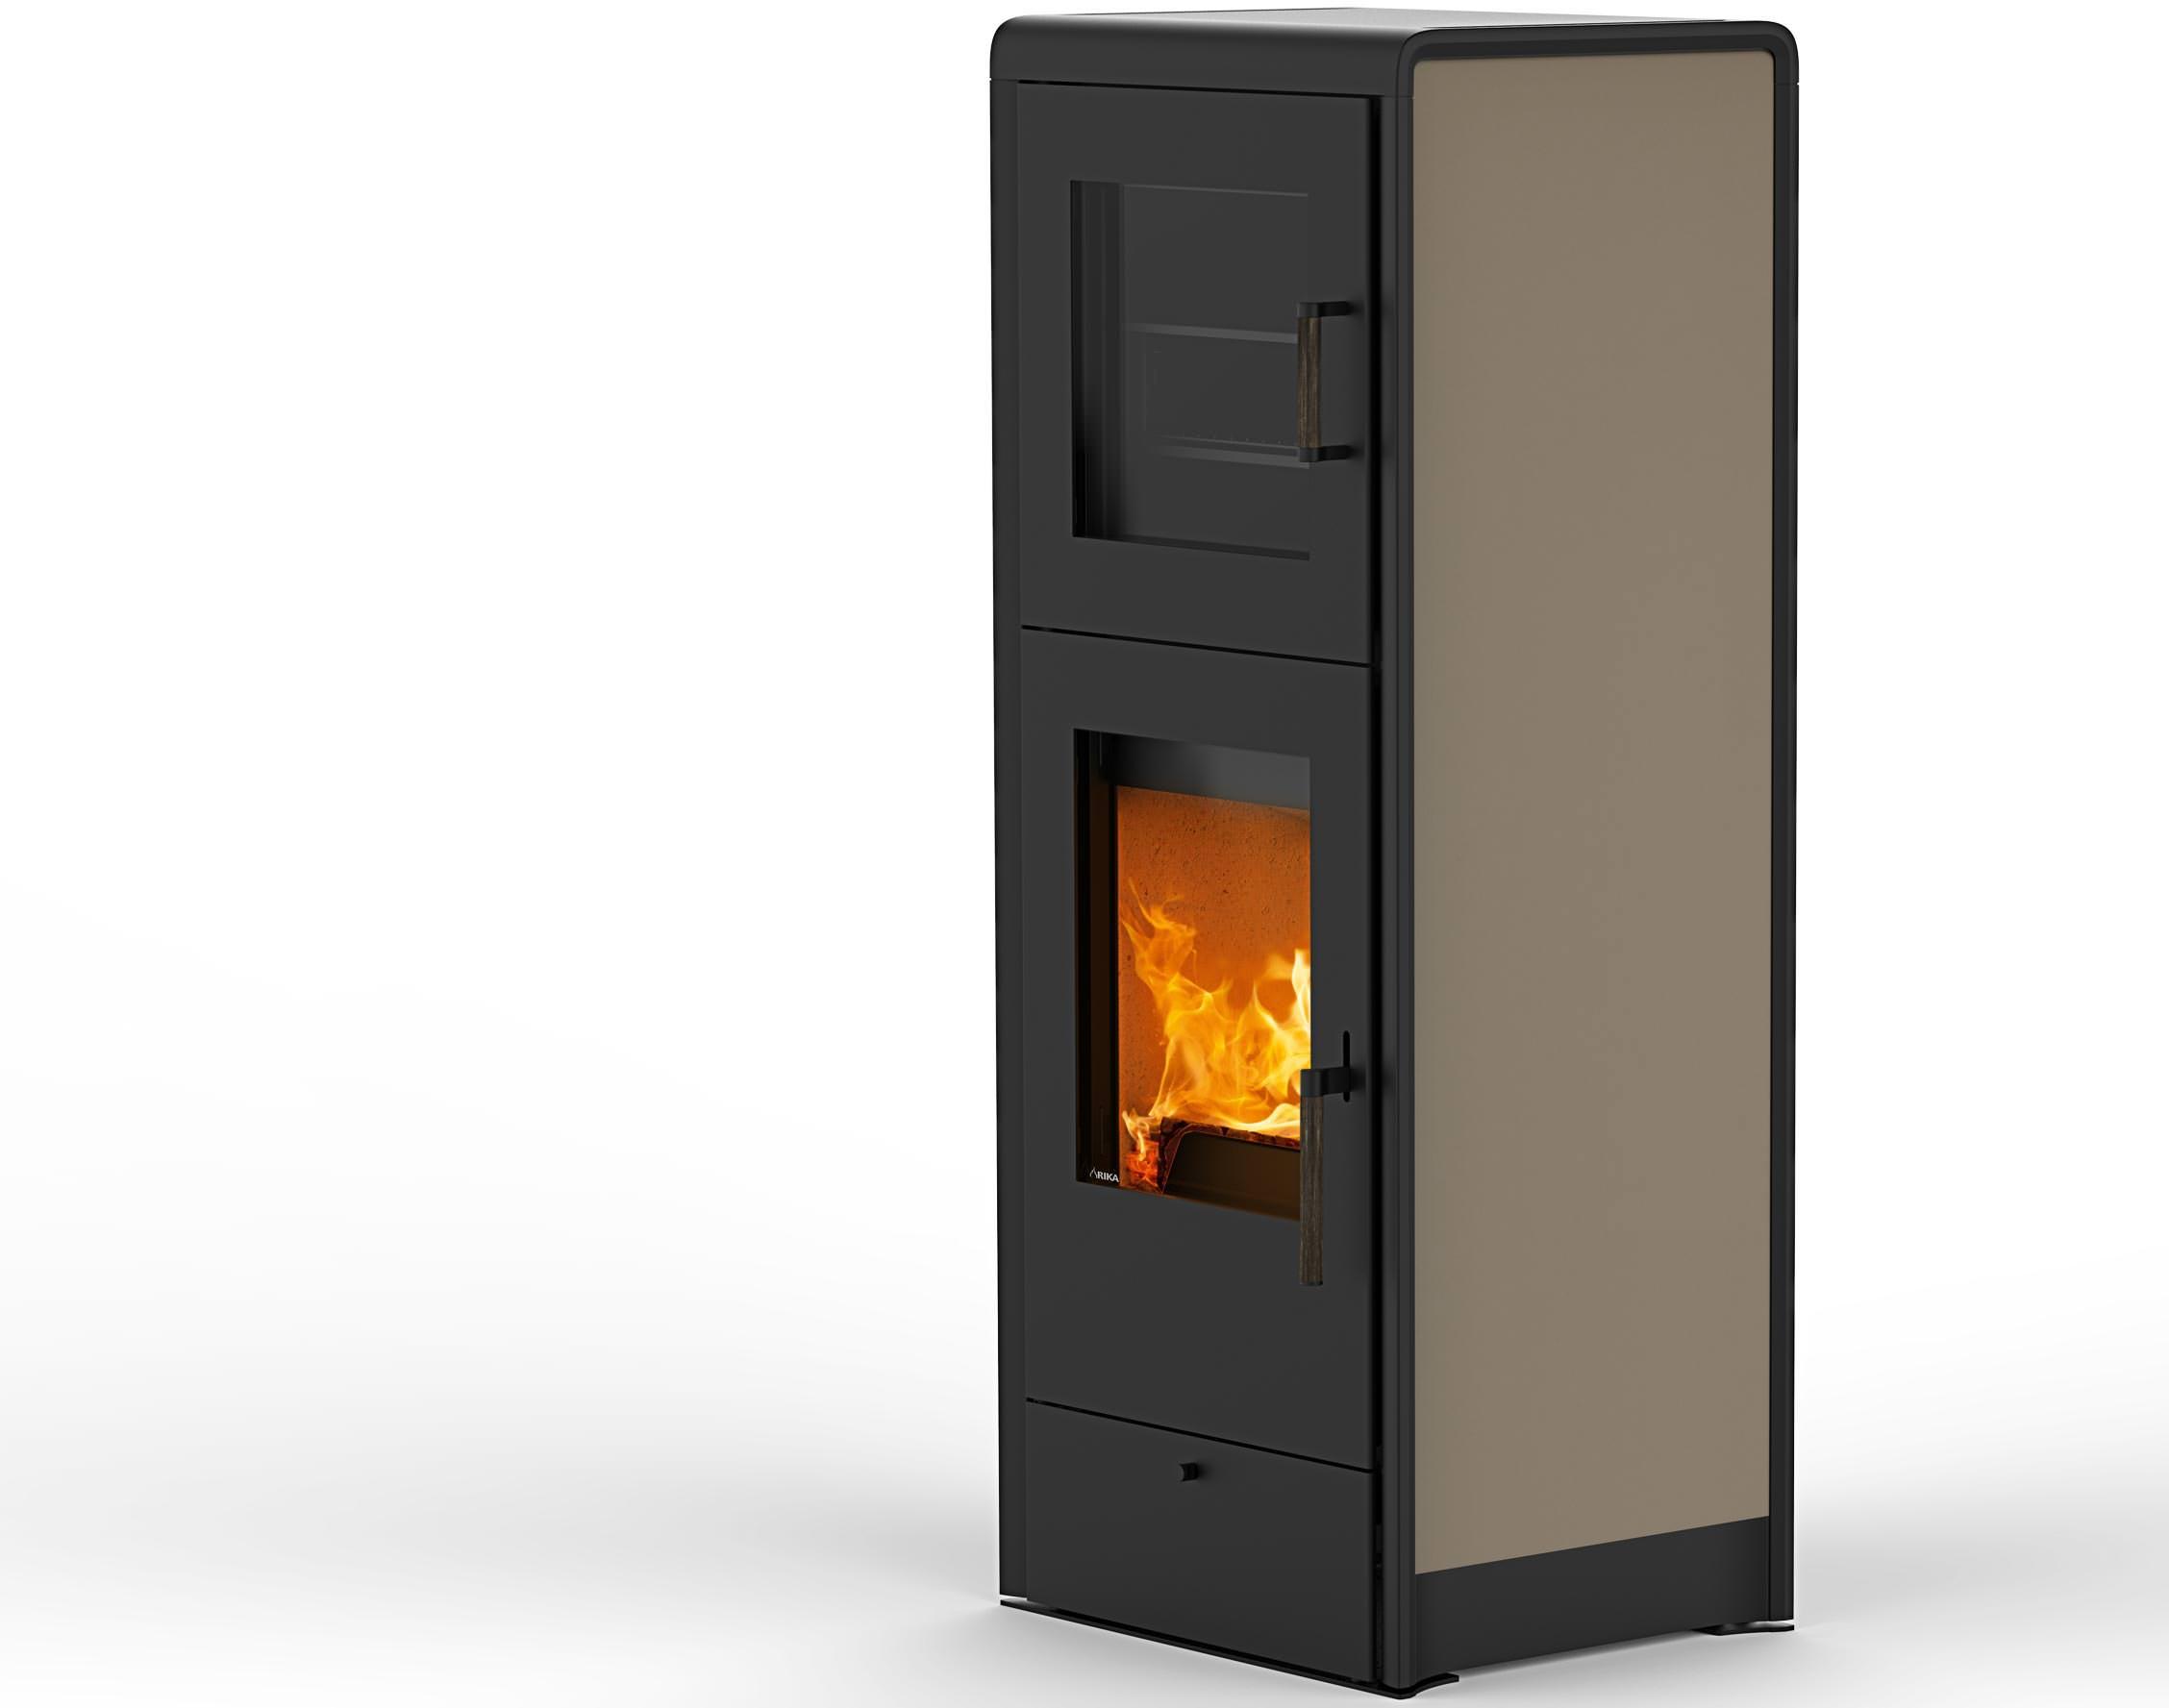 back und cook kamin fen mit k stlichem mehrwert mit. Black Bedroom Furniture Sets. Home Design Ideas